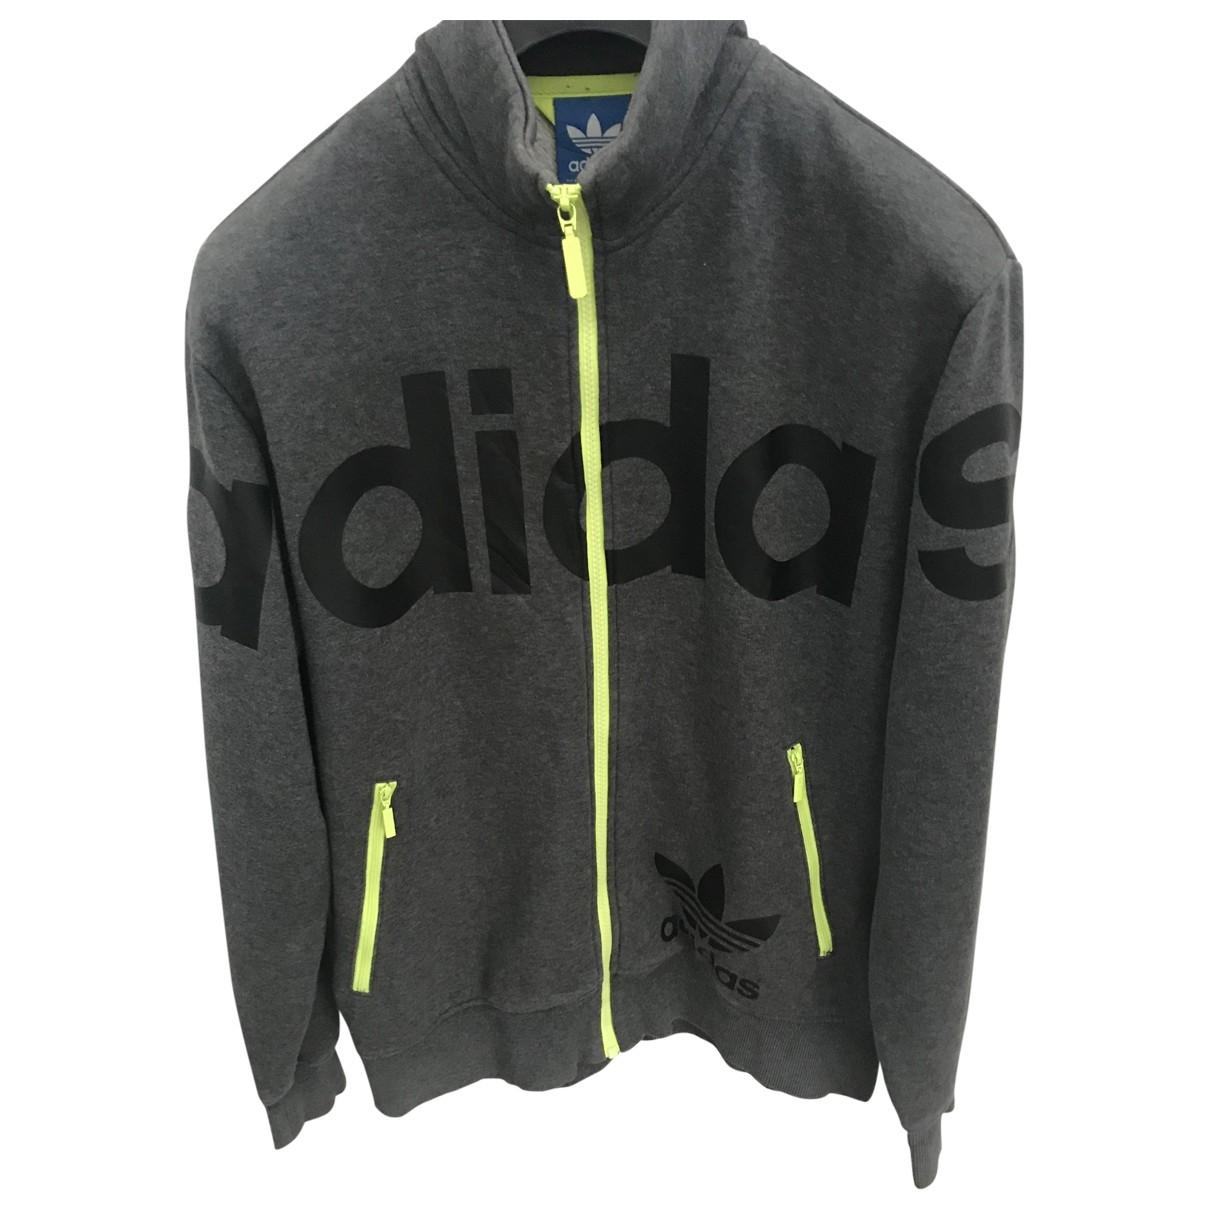 Adidas - Vestes.Blousons   pour homme en coton - gris